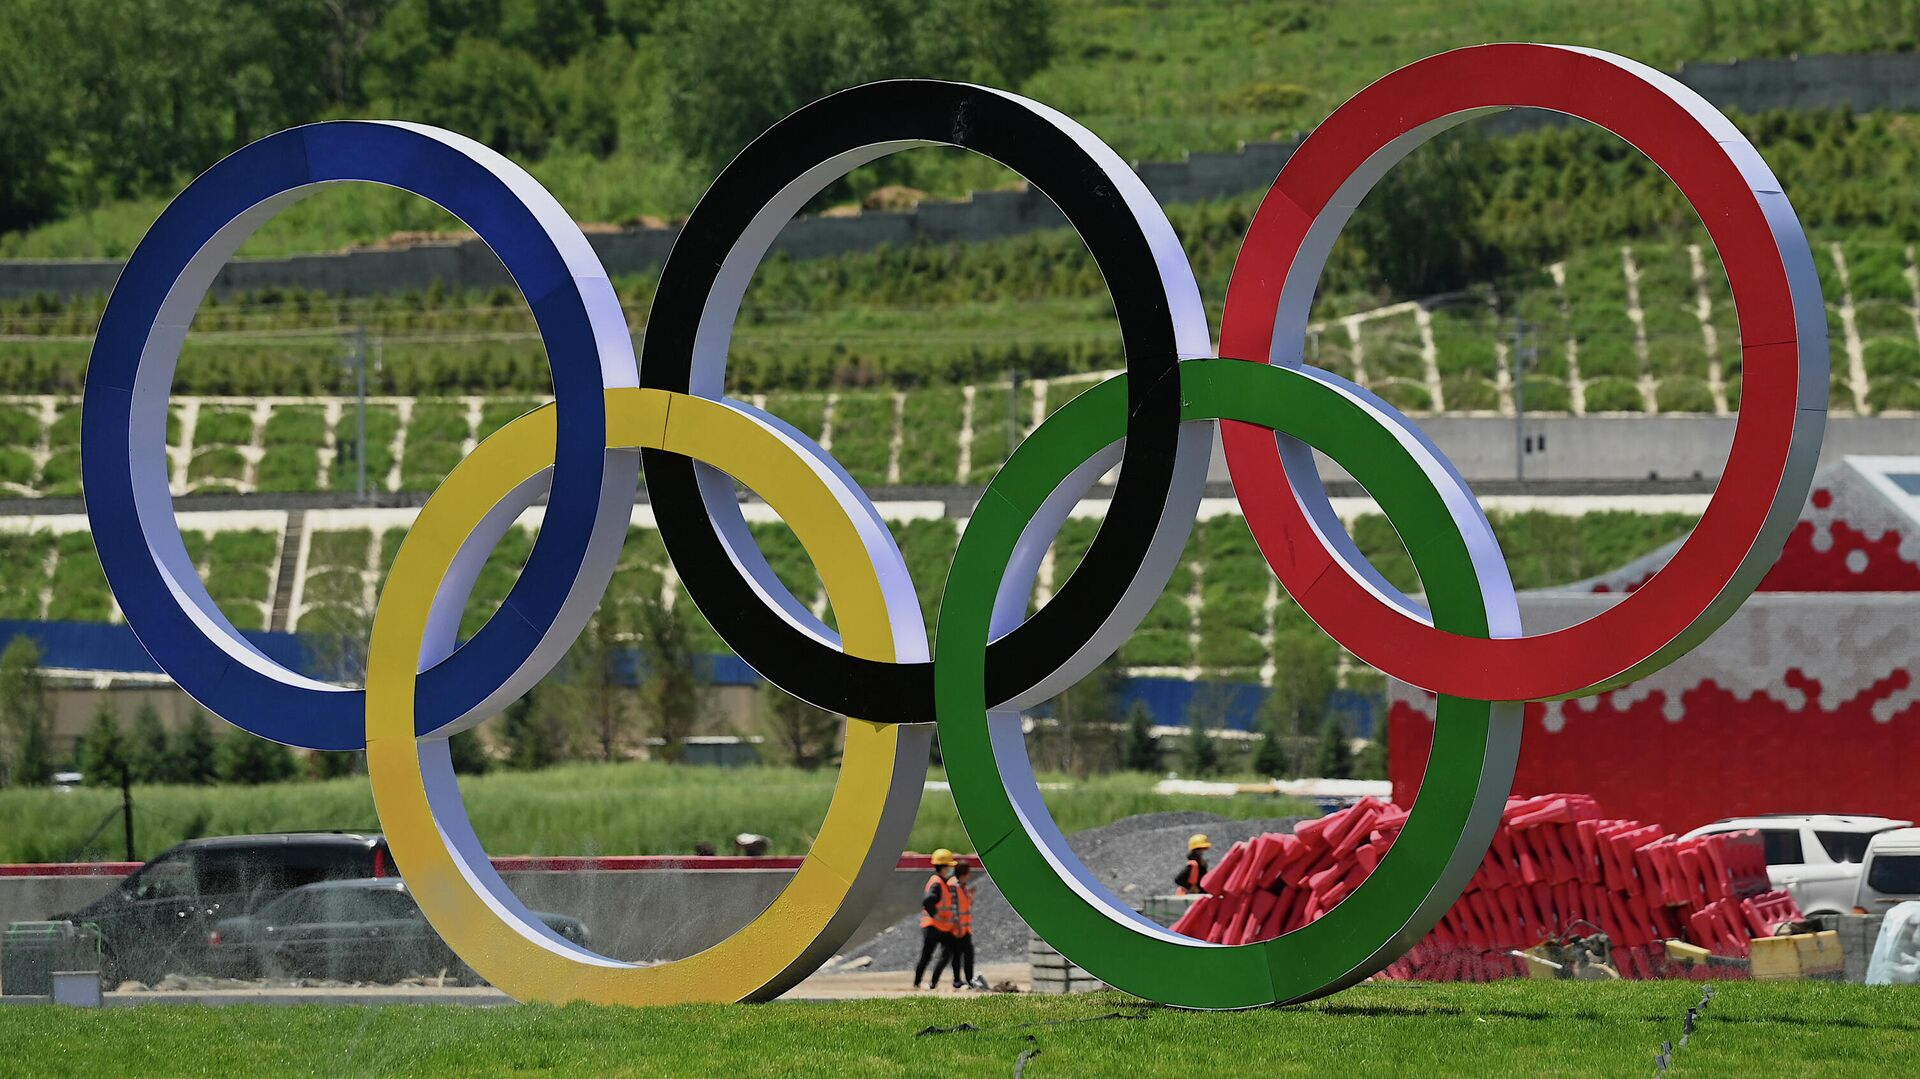 Олимпийские кольца, установленные в Пекине - Sputnik Беларусь, 1920, 16.09.2021